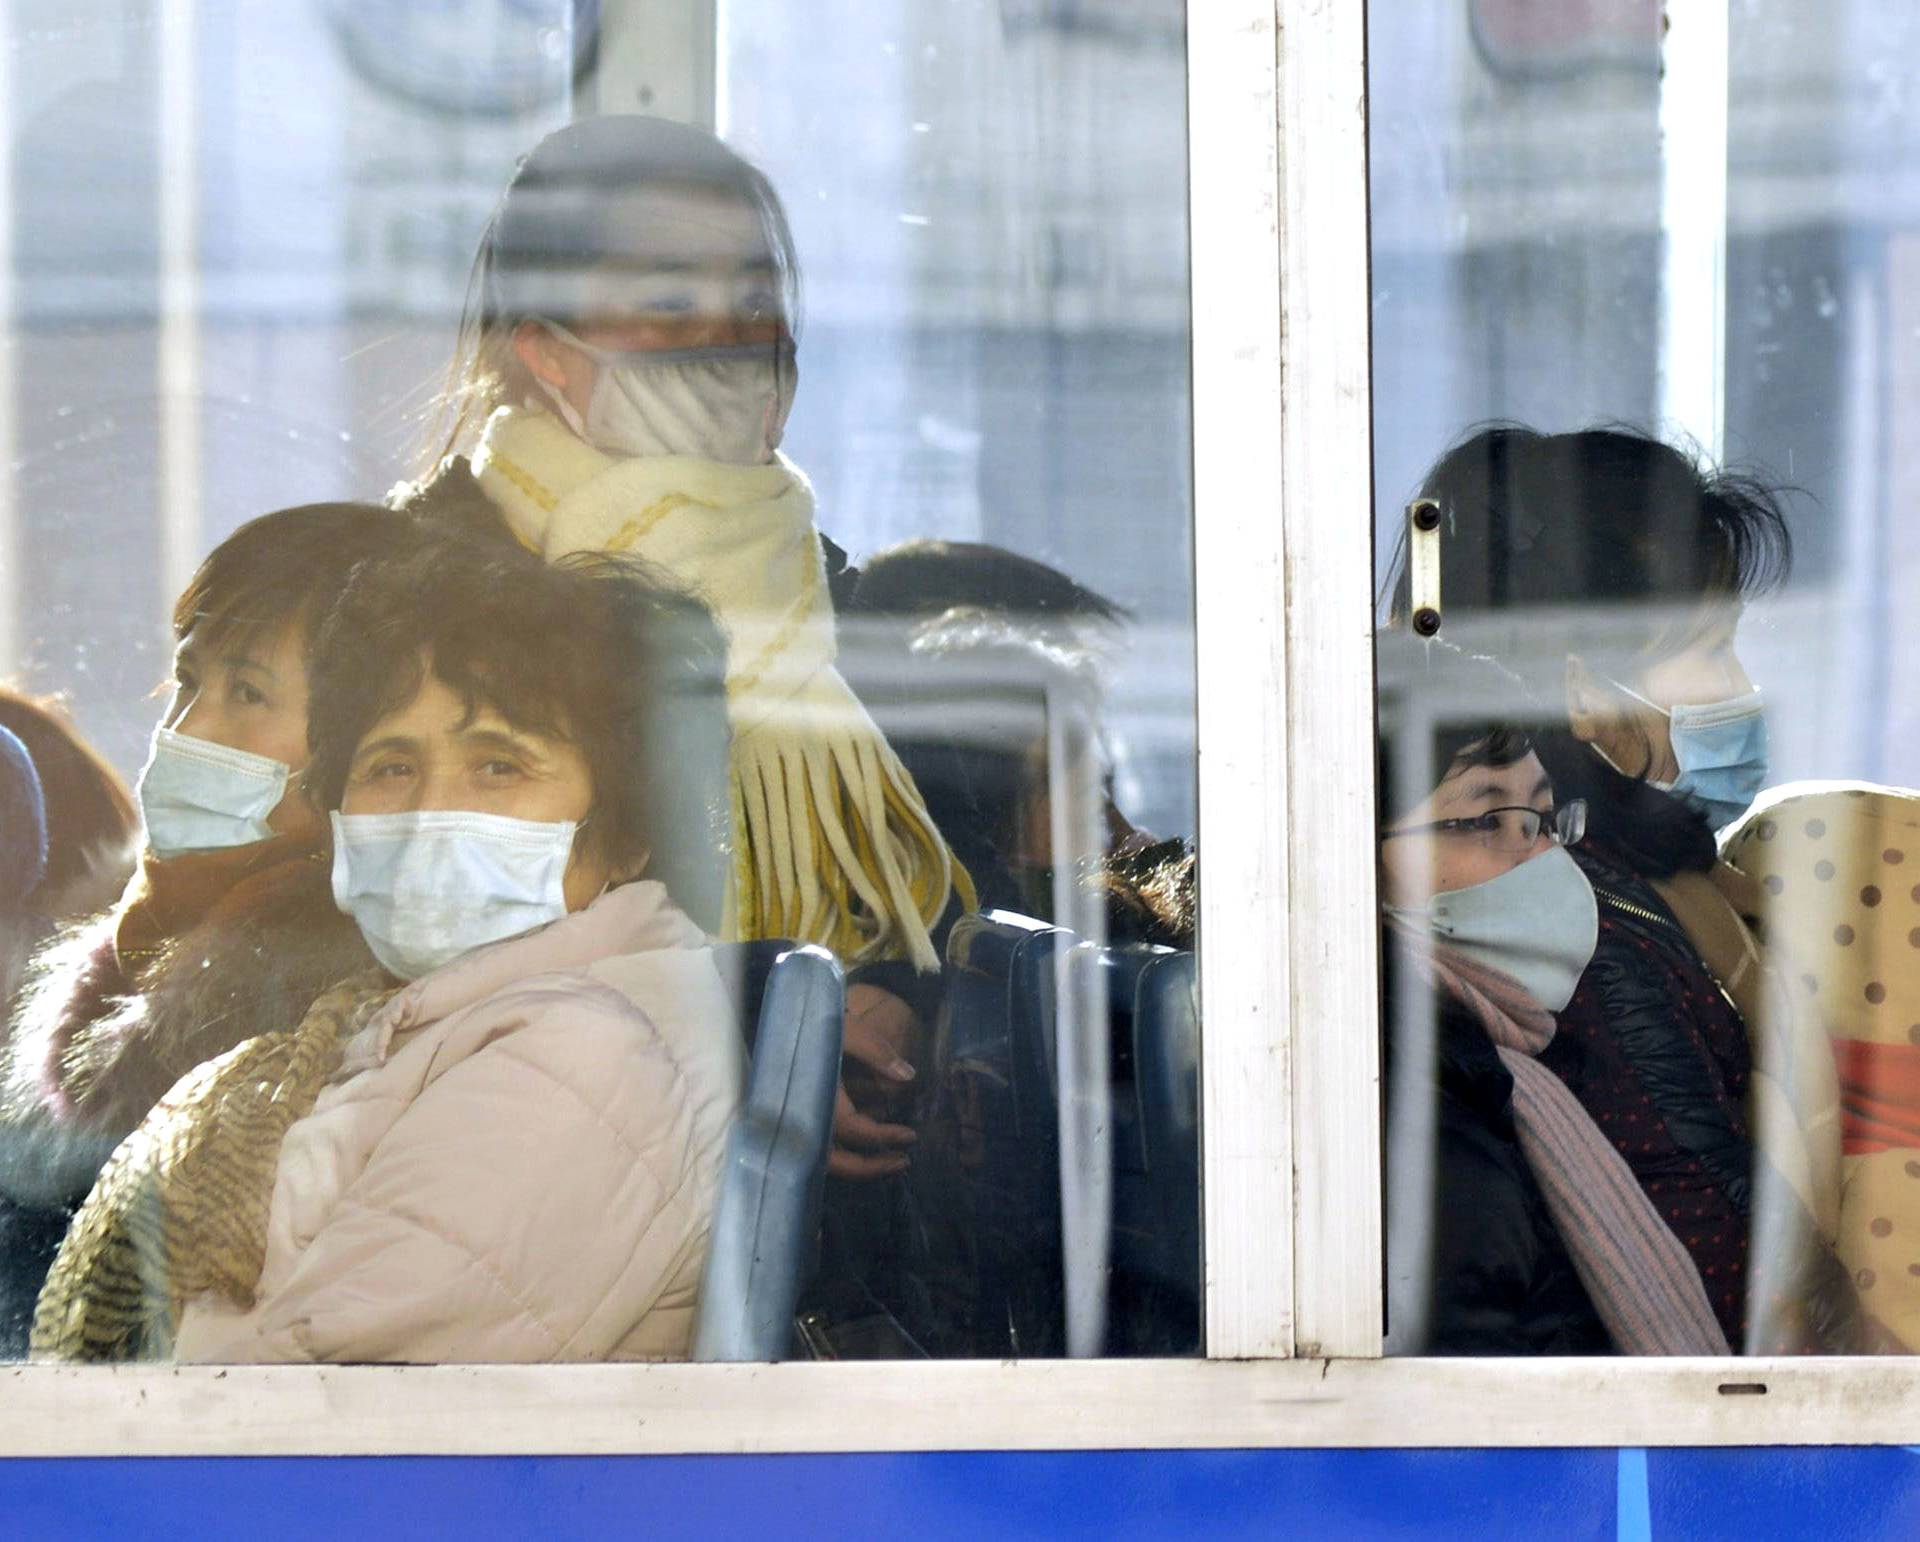 Passengers wear masks inside a trolley bus in Pyongyang